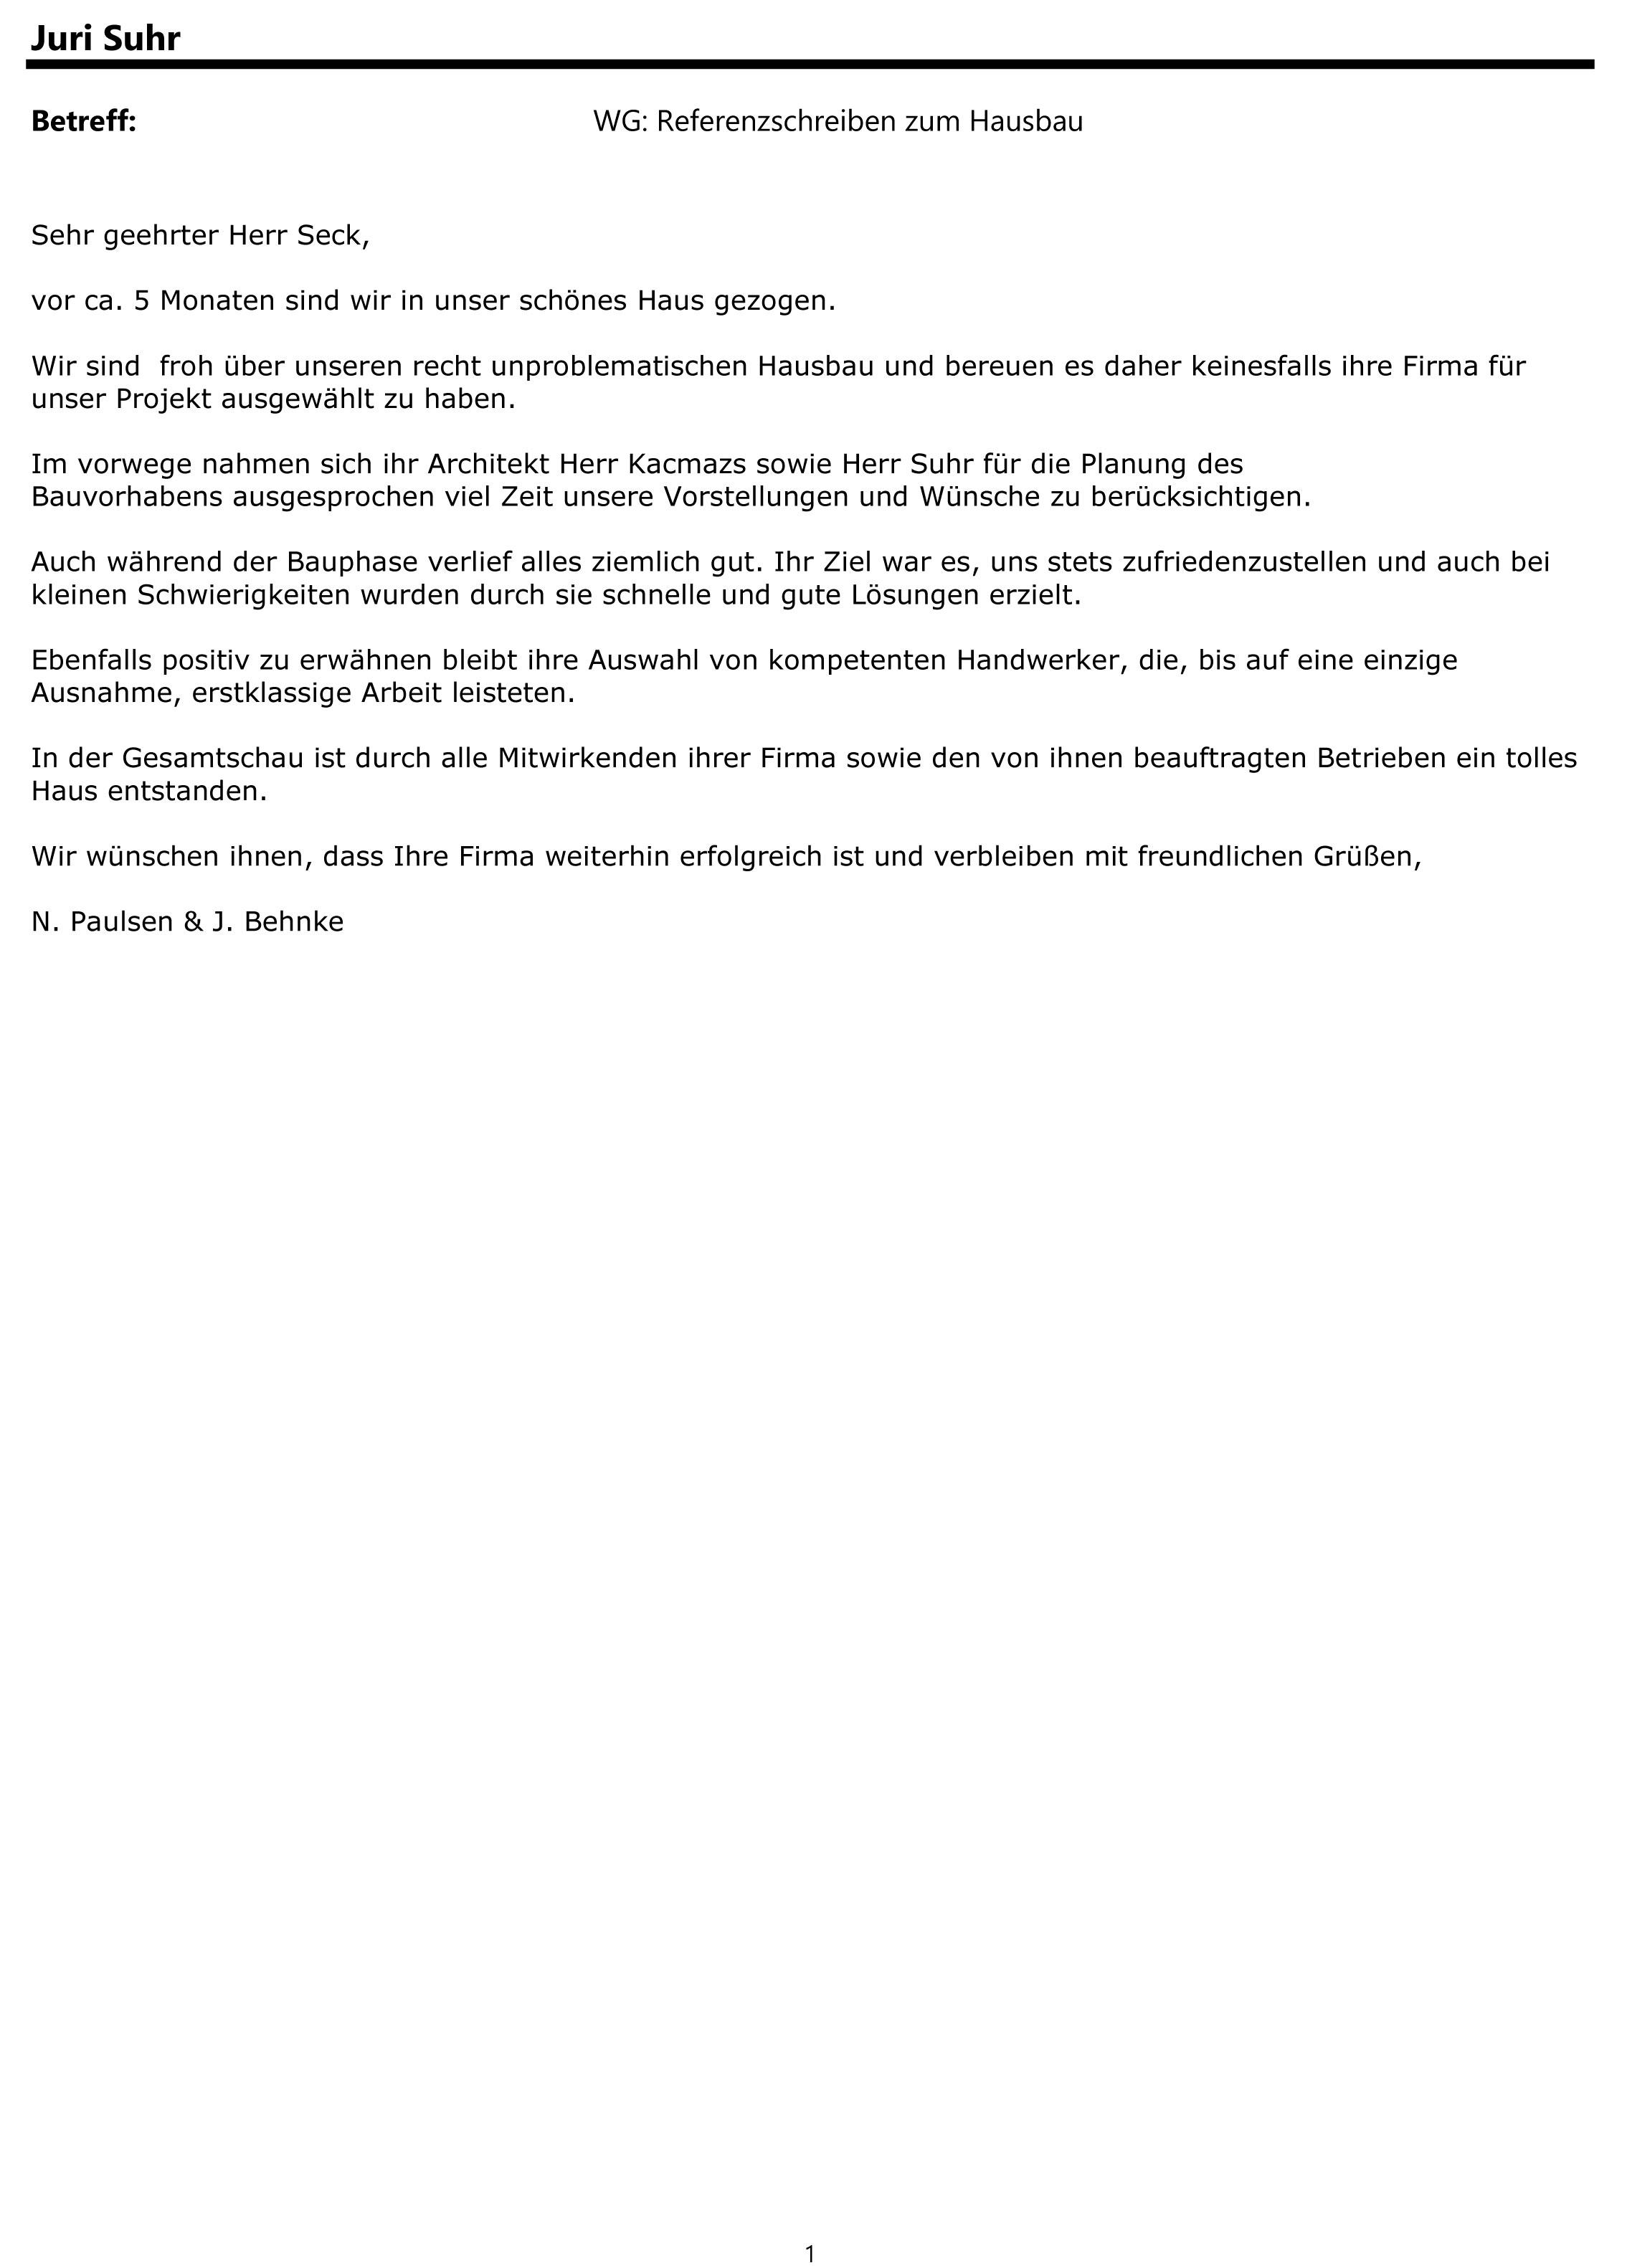 Breyer & Seck Bau   Referenzschreiben